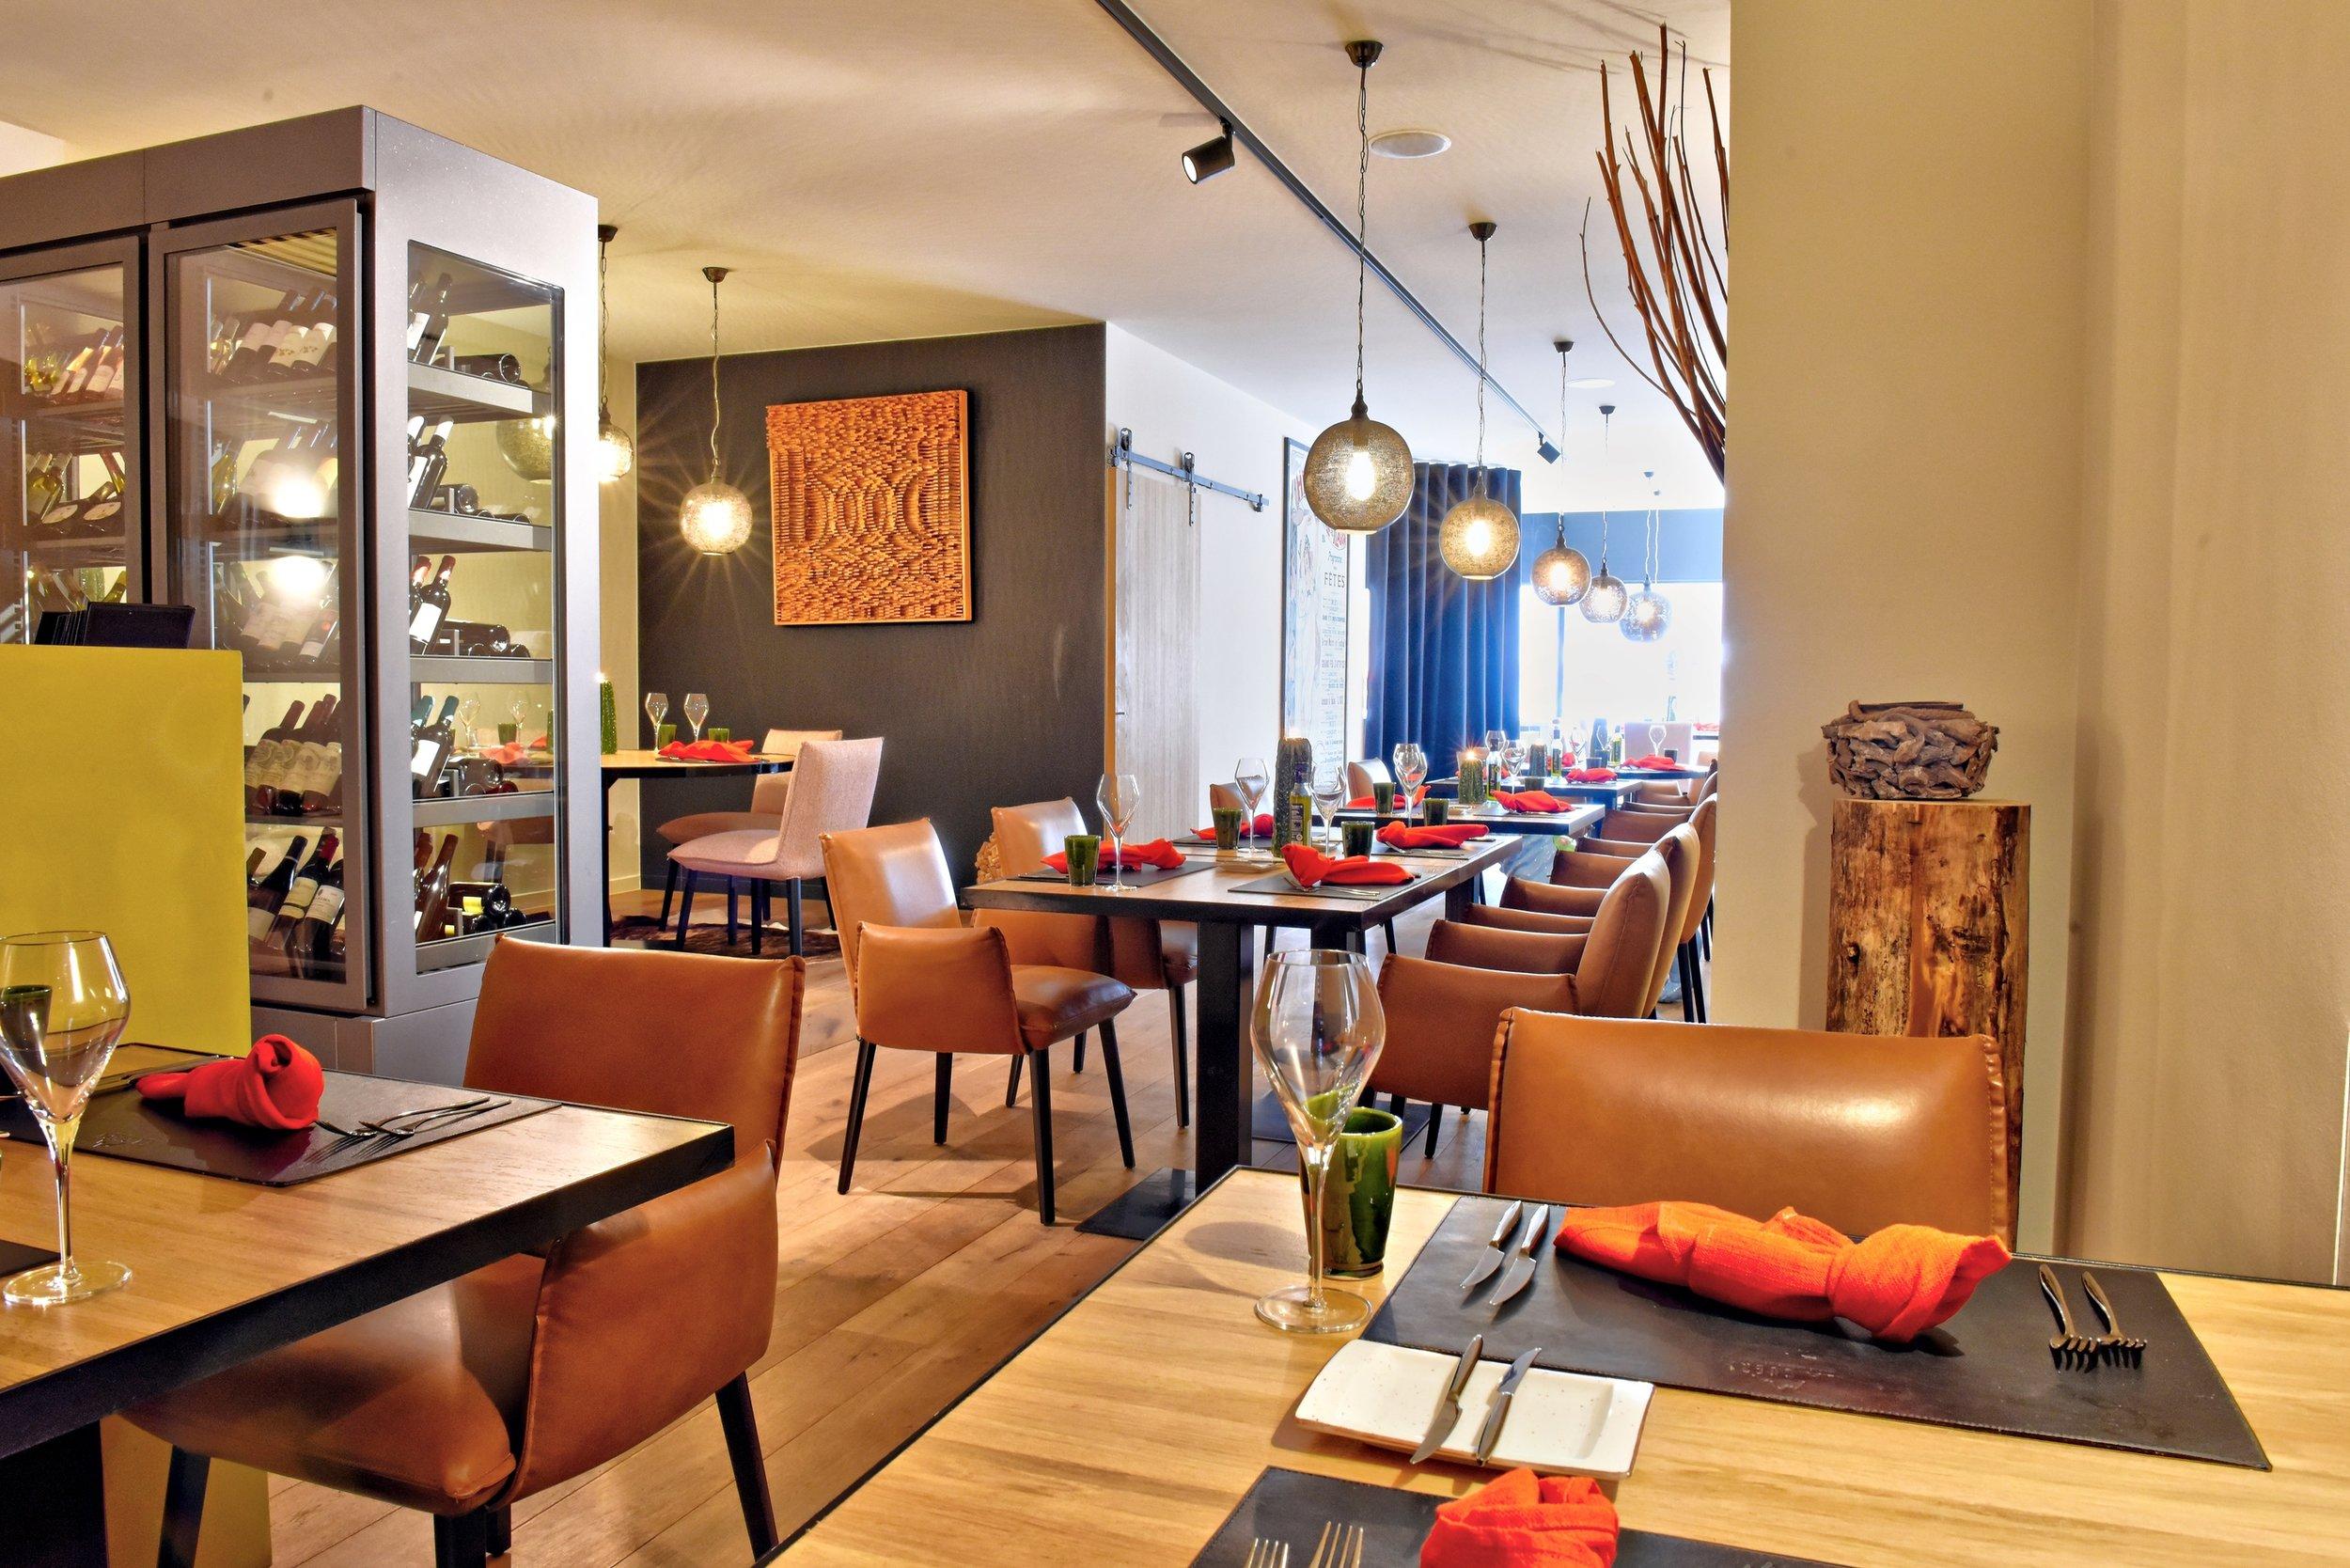 22 la guera knokke restaurant bart albrecht tablefever fotograaf foodfotograaf.jpg.jpg.jpg